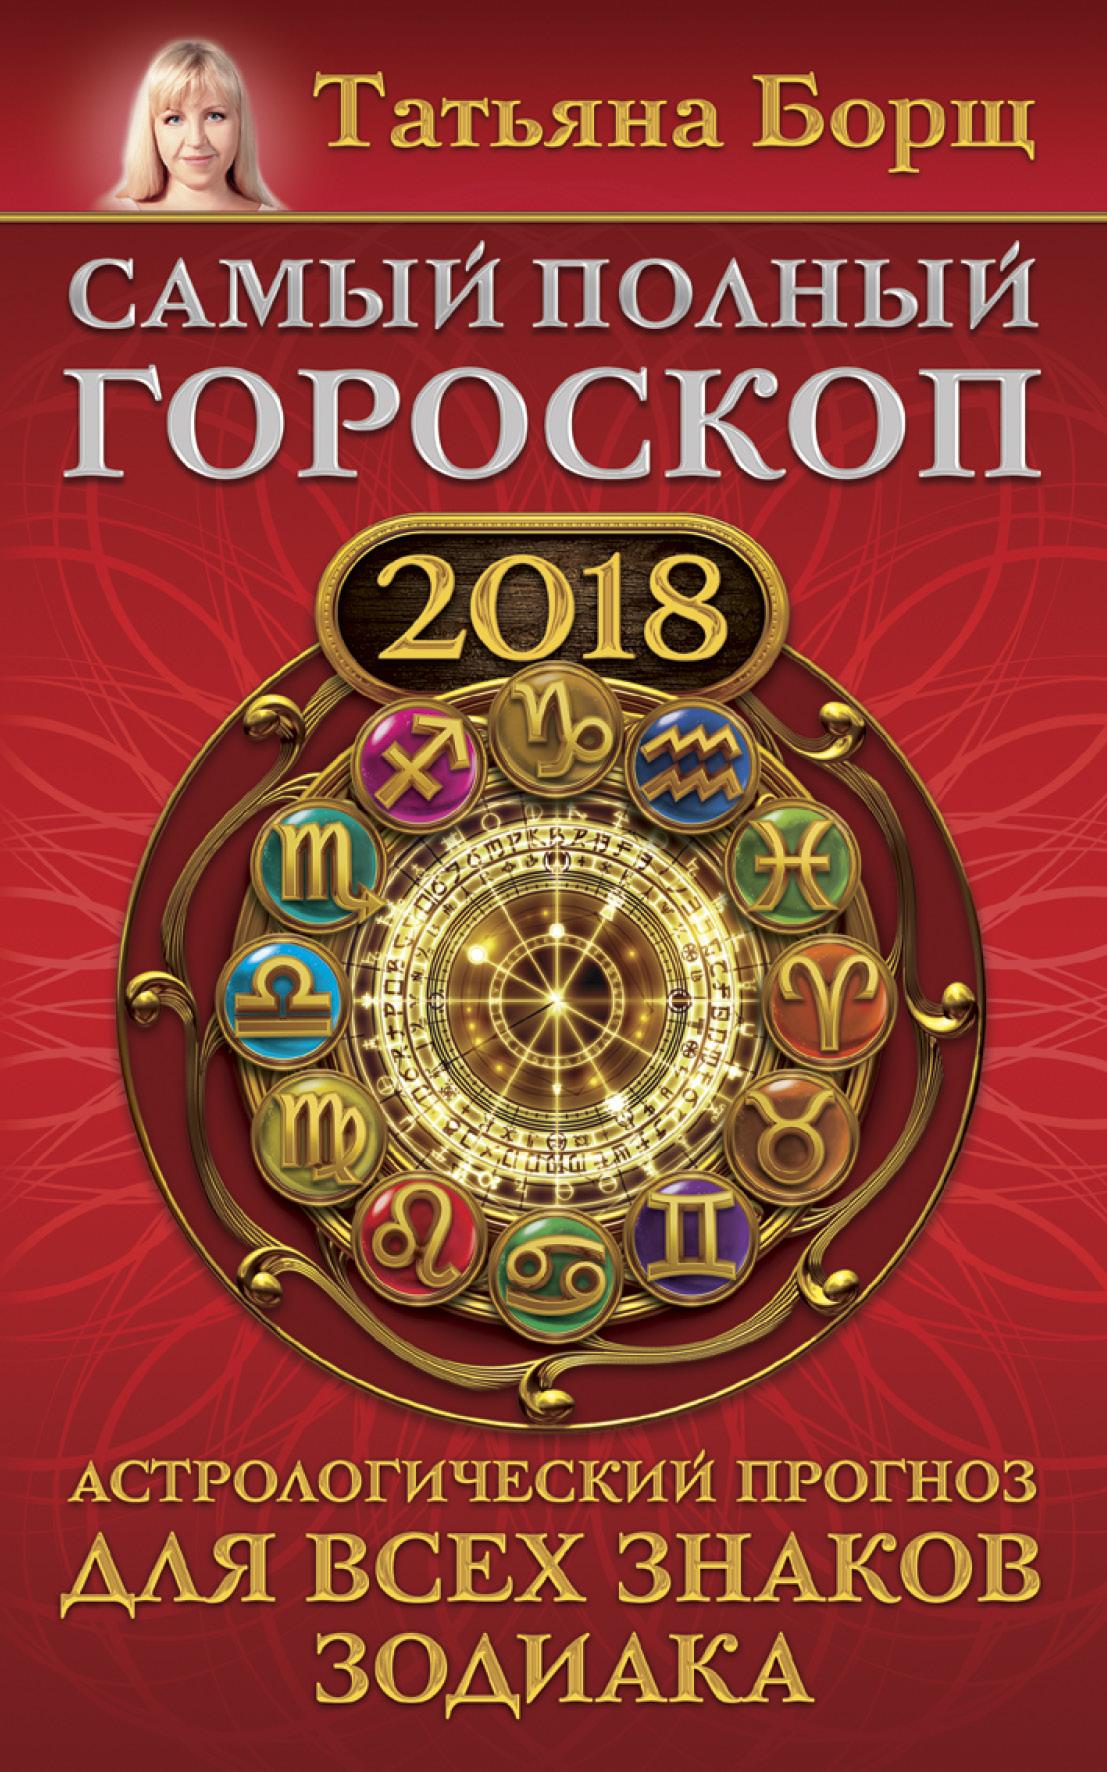 гороскоп от татьяны борщ на 2018 год для всех знаков зодиака